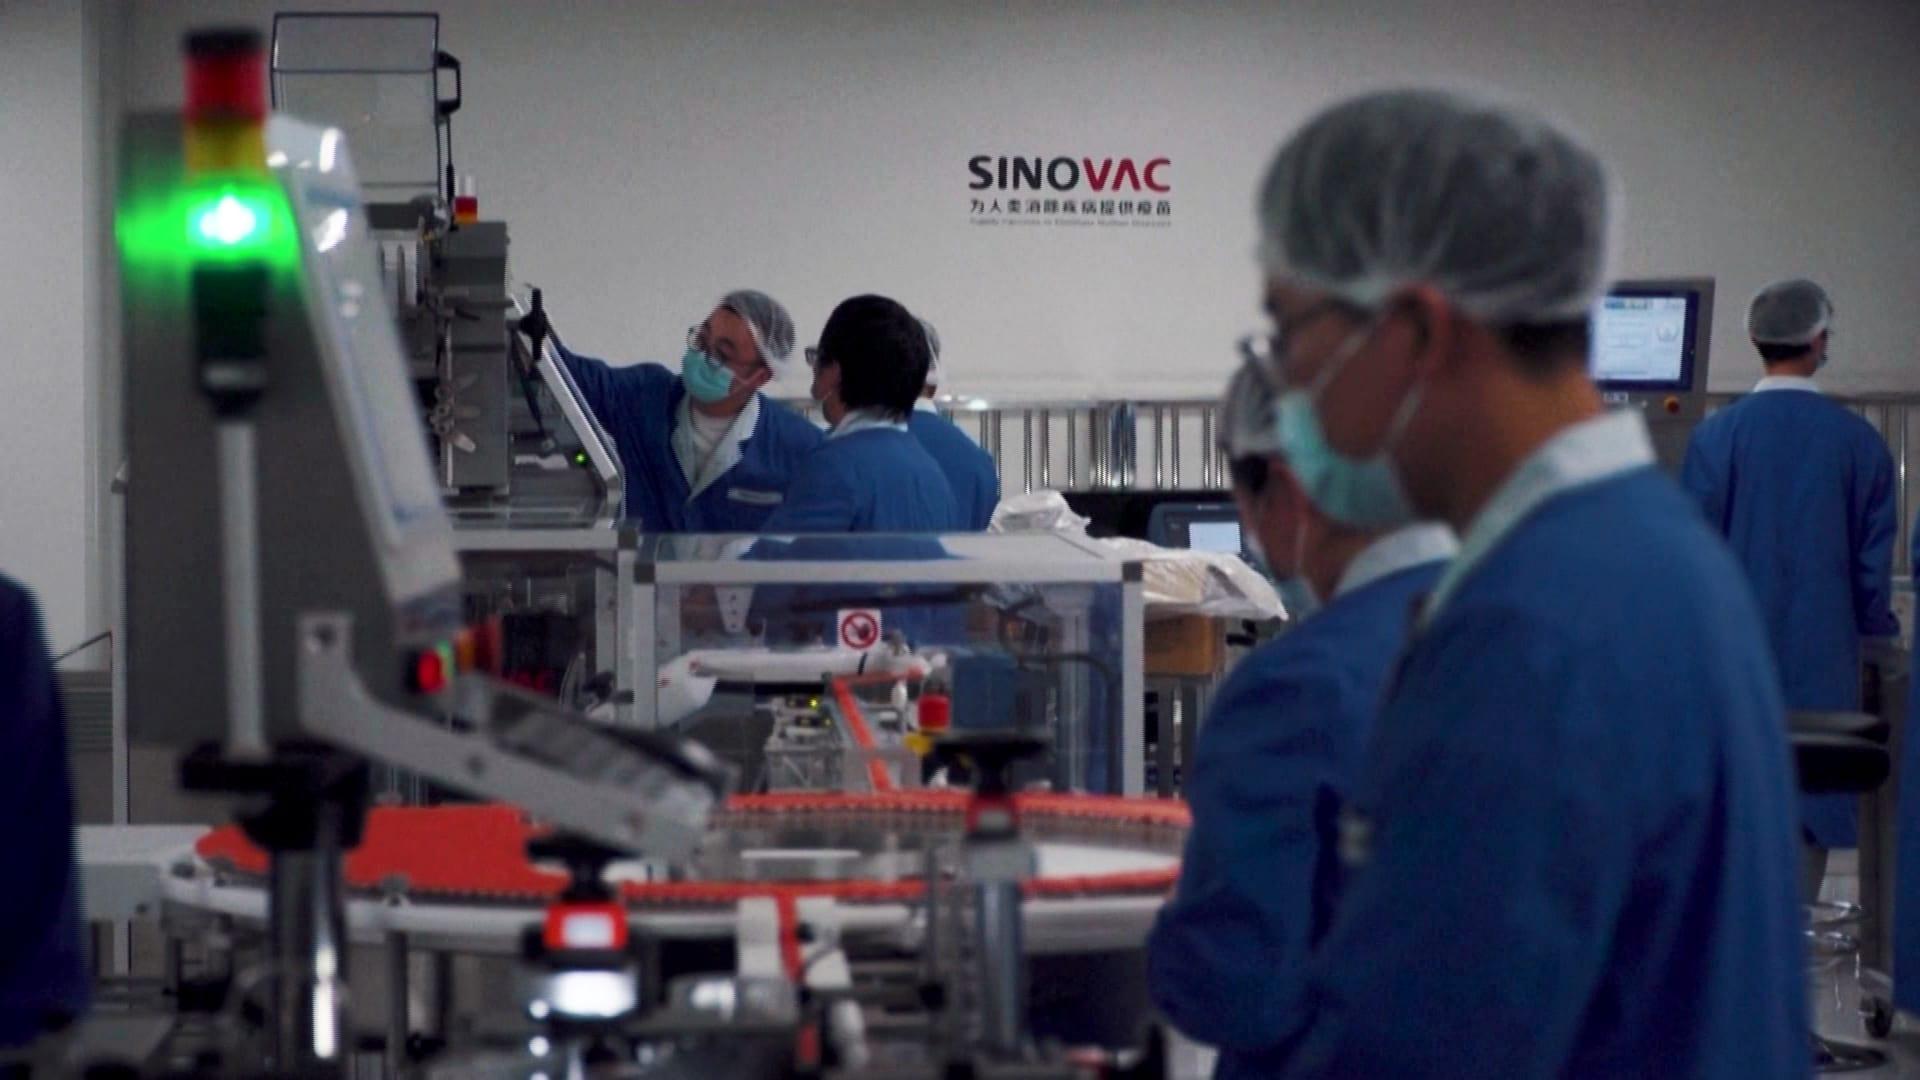 انتشار جديد لفيروس كورونا يثير تساؤلات عن فاعلية اللقاحات الصينية.. وخبراء: لا يعني فشلها